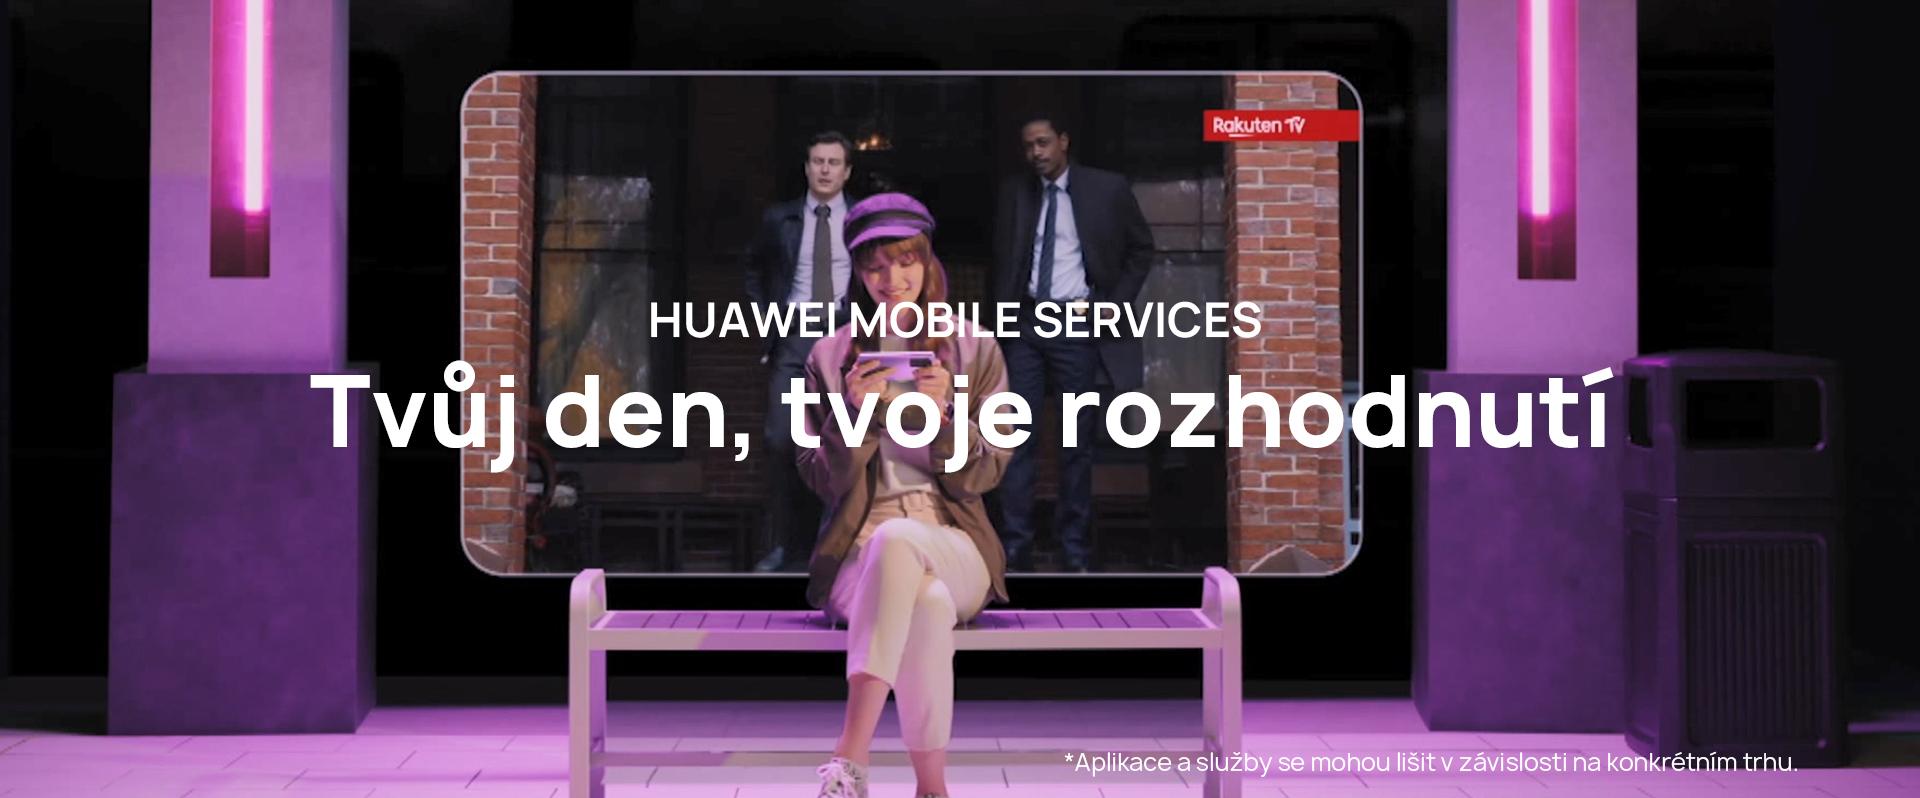 Huawei vyhlašuje soutěž pro vývojáře